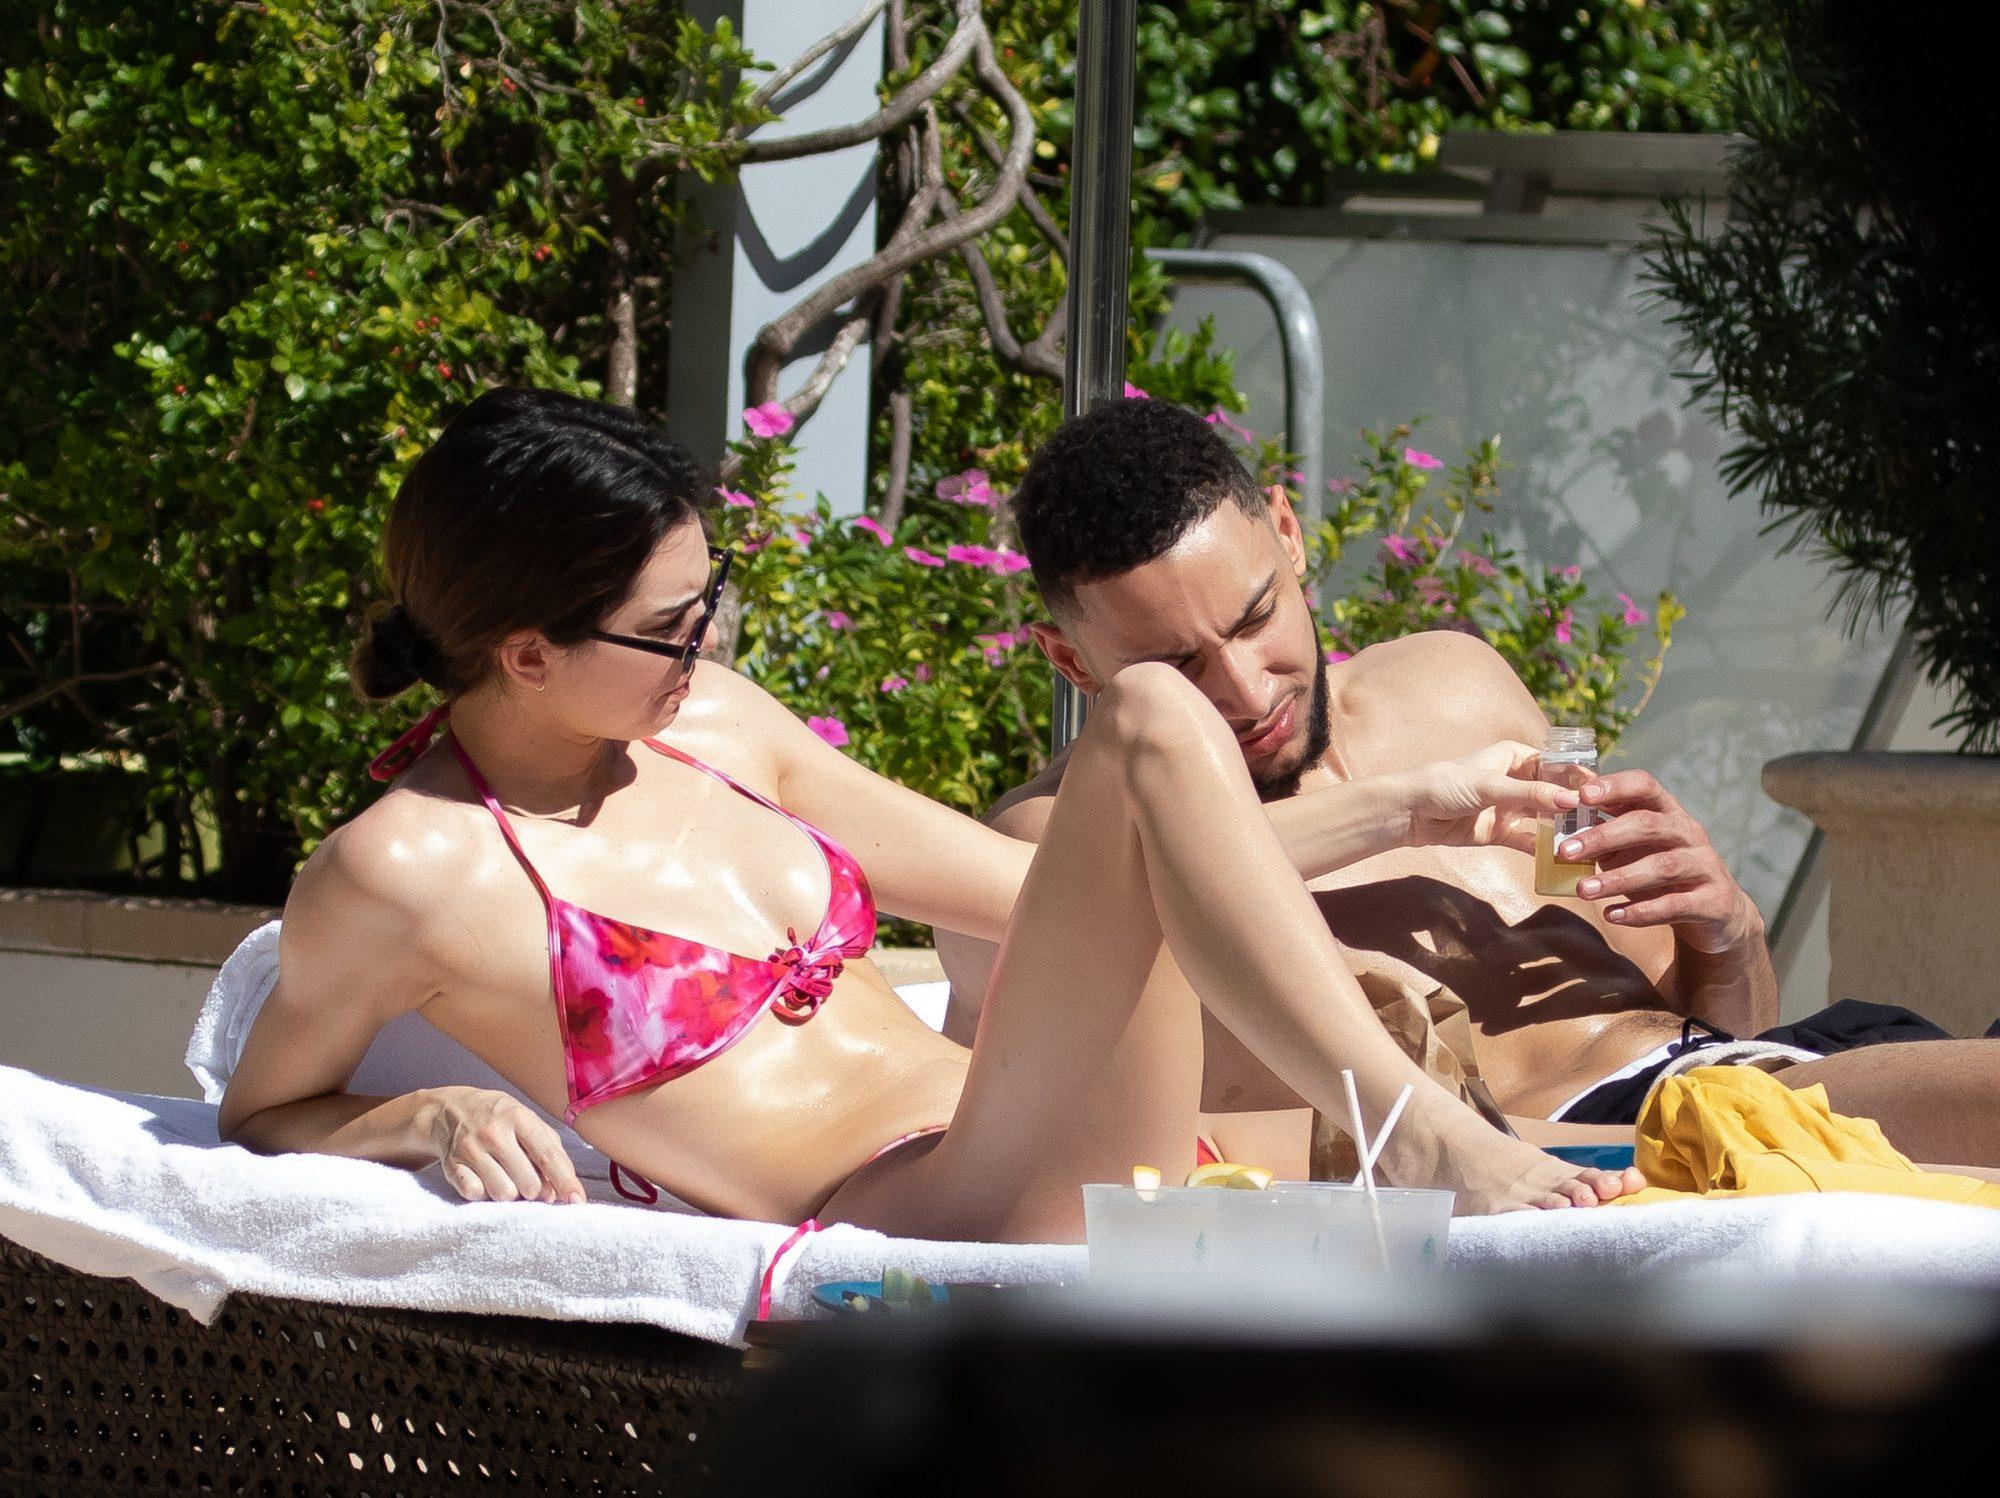 Kendall Jenner and her NBA star boyfriend Ben Simmons